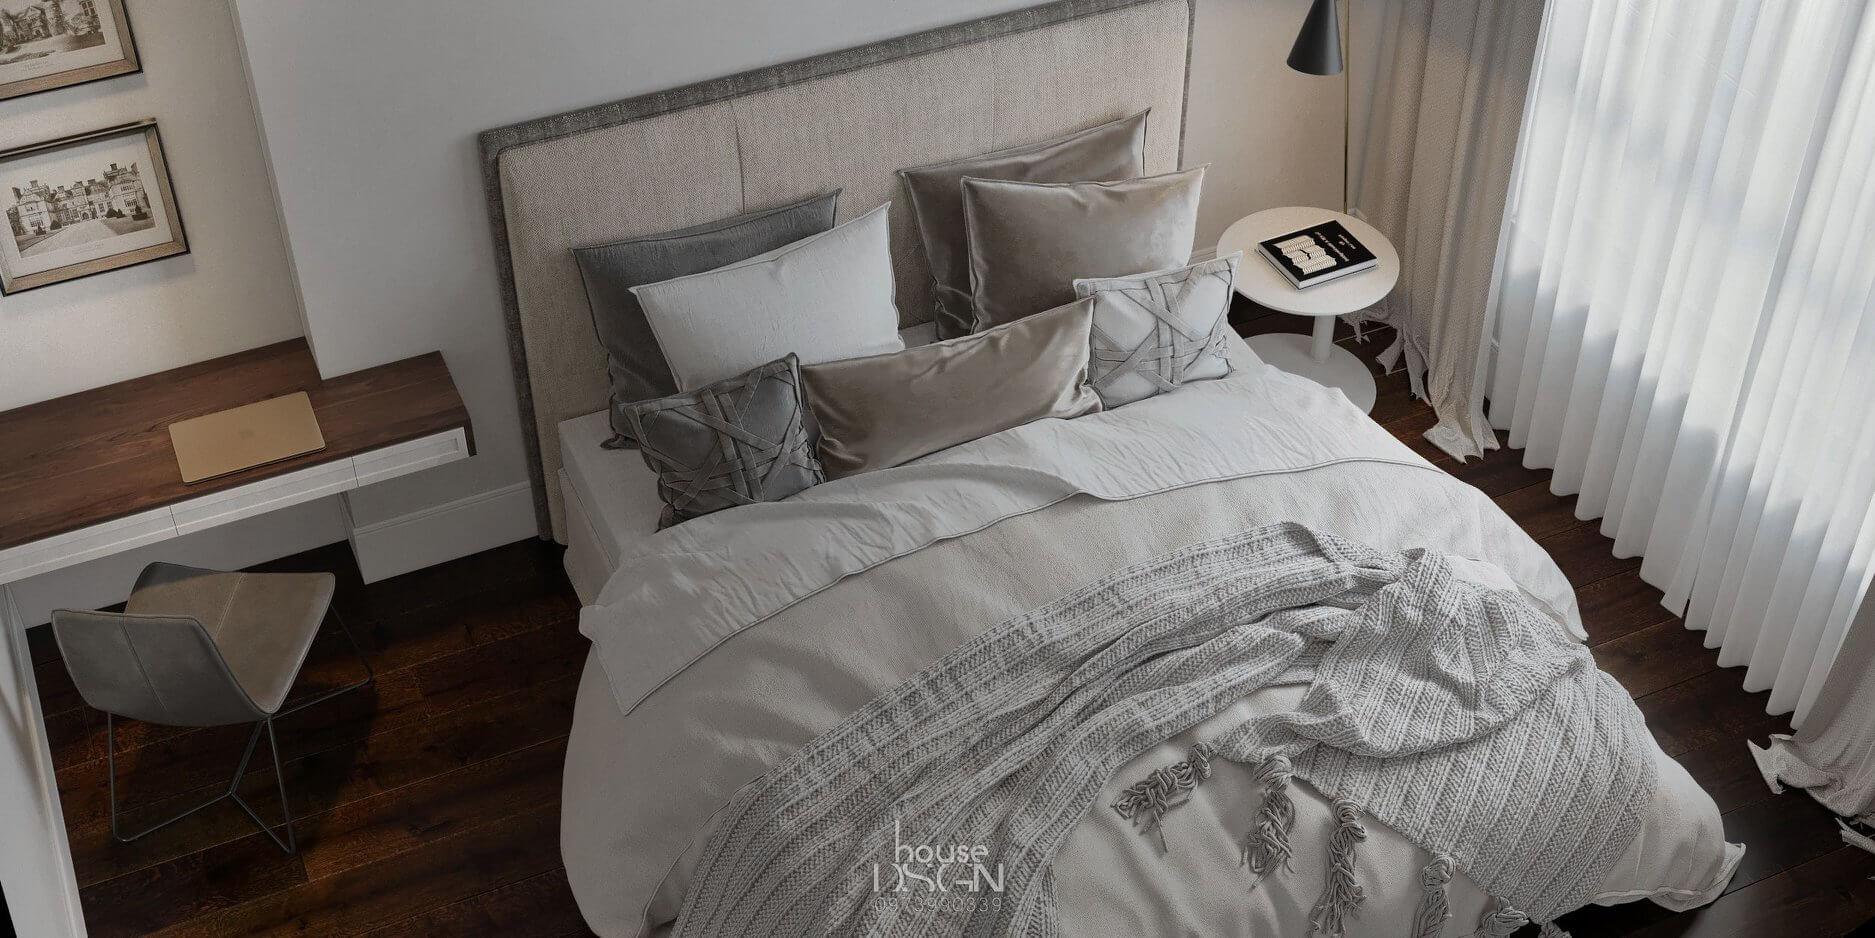 thiết kế nội thất chung cư 100m2 hiện đại